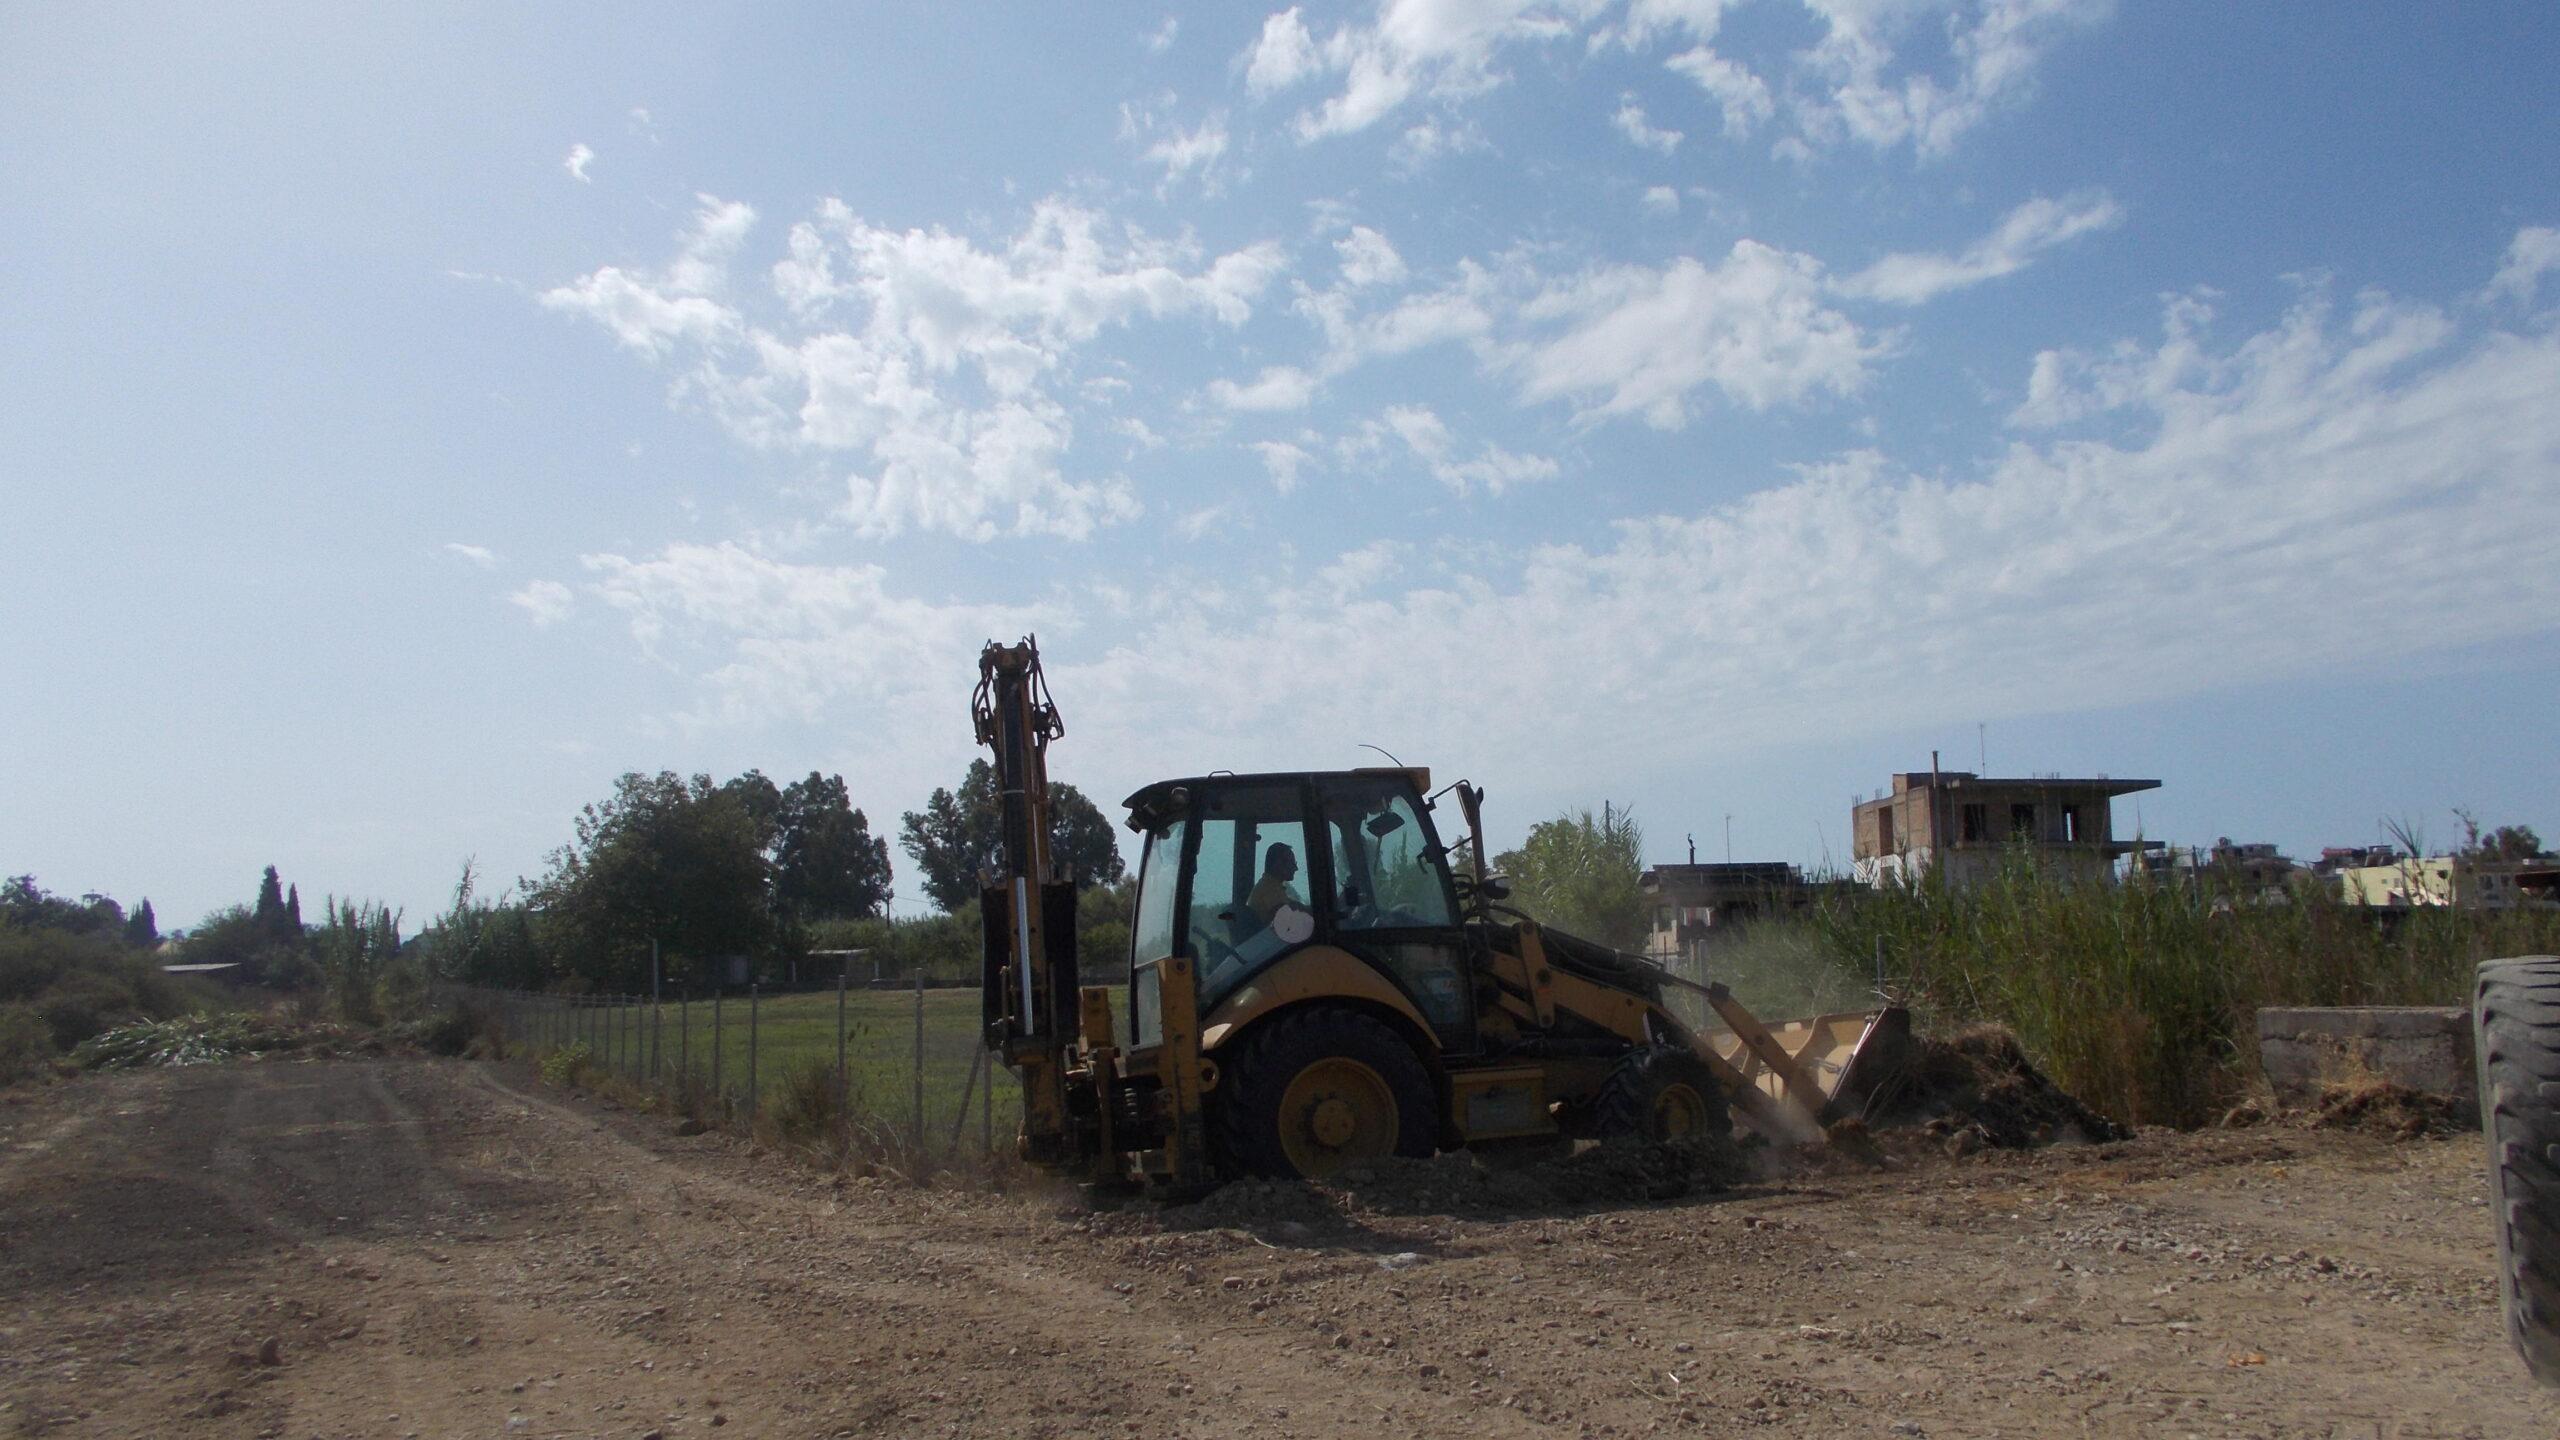 Επιτροπή ιδιοκτητών, καταστηματαρχών και κατοίκων Κούβελου Πύργου: Ξεκίνησε επιτέλους η εφαρμογή Σχεδίου Πόλεως στον Κούβελο και γενικότερα στον Πύργο (photos)